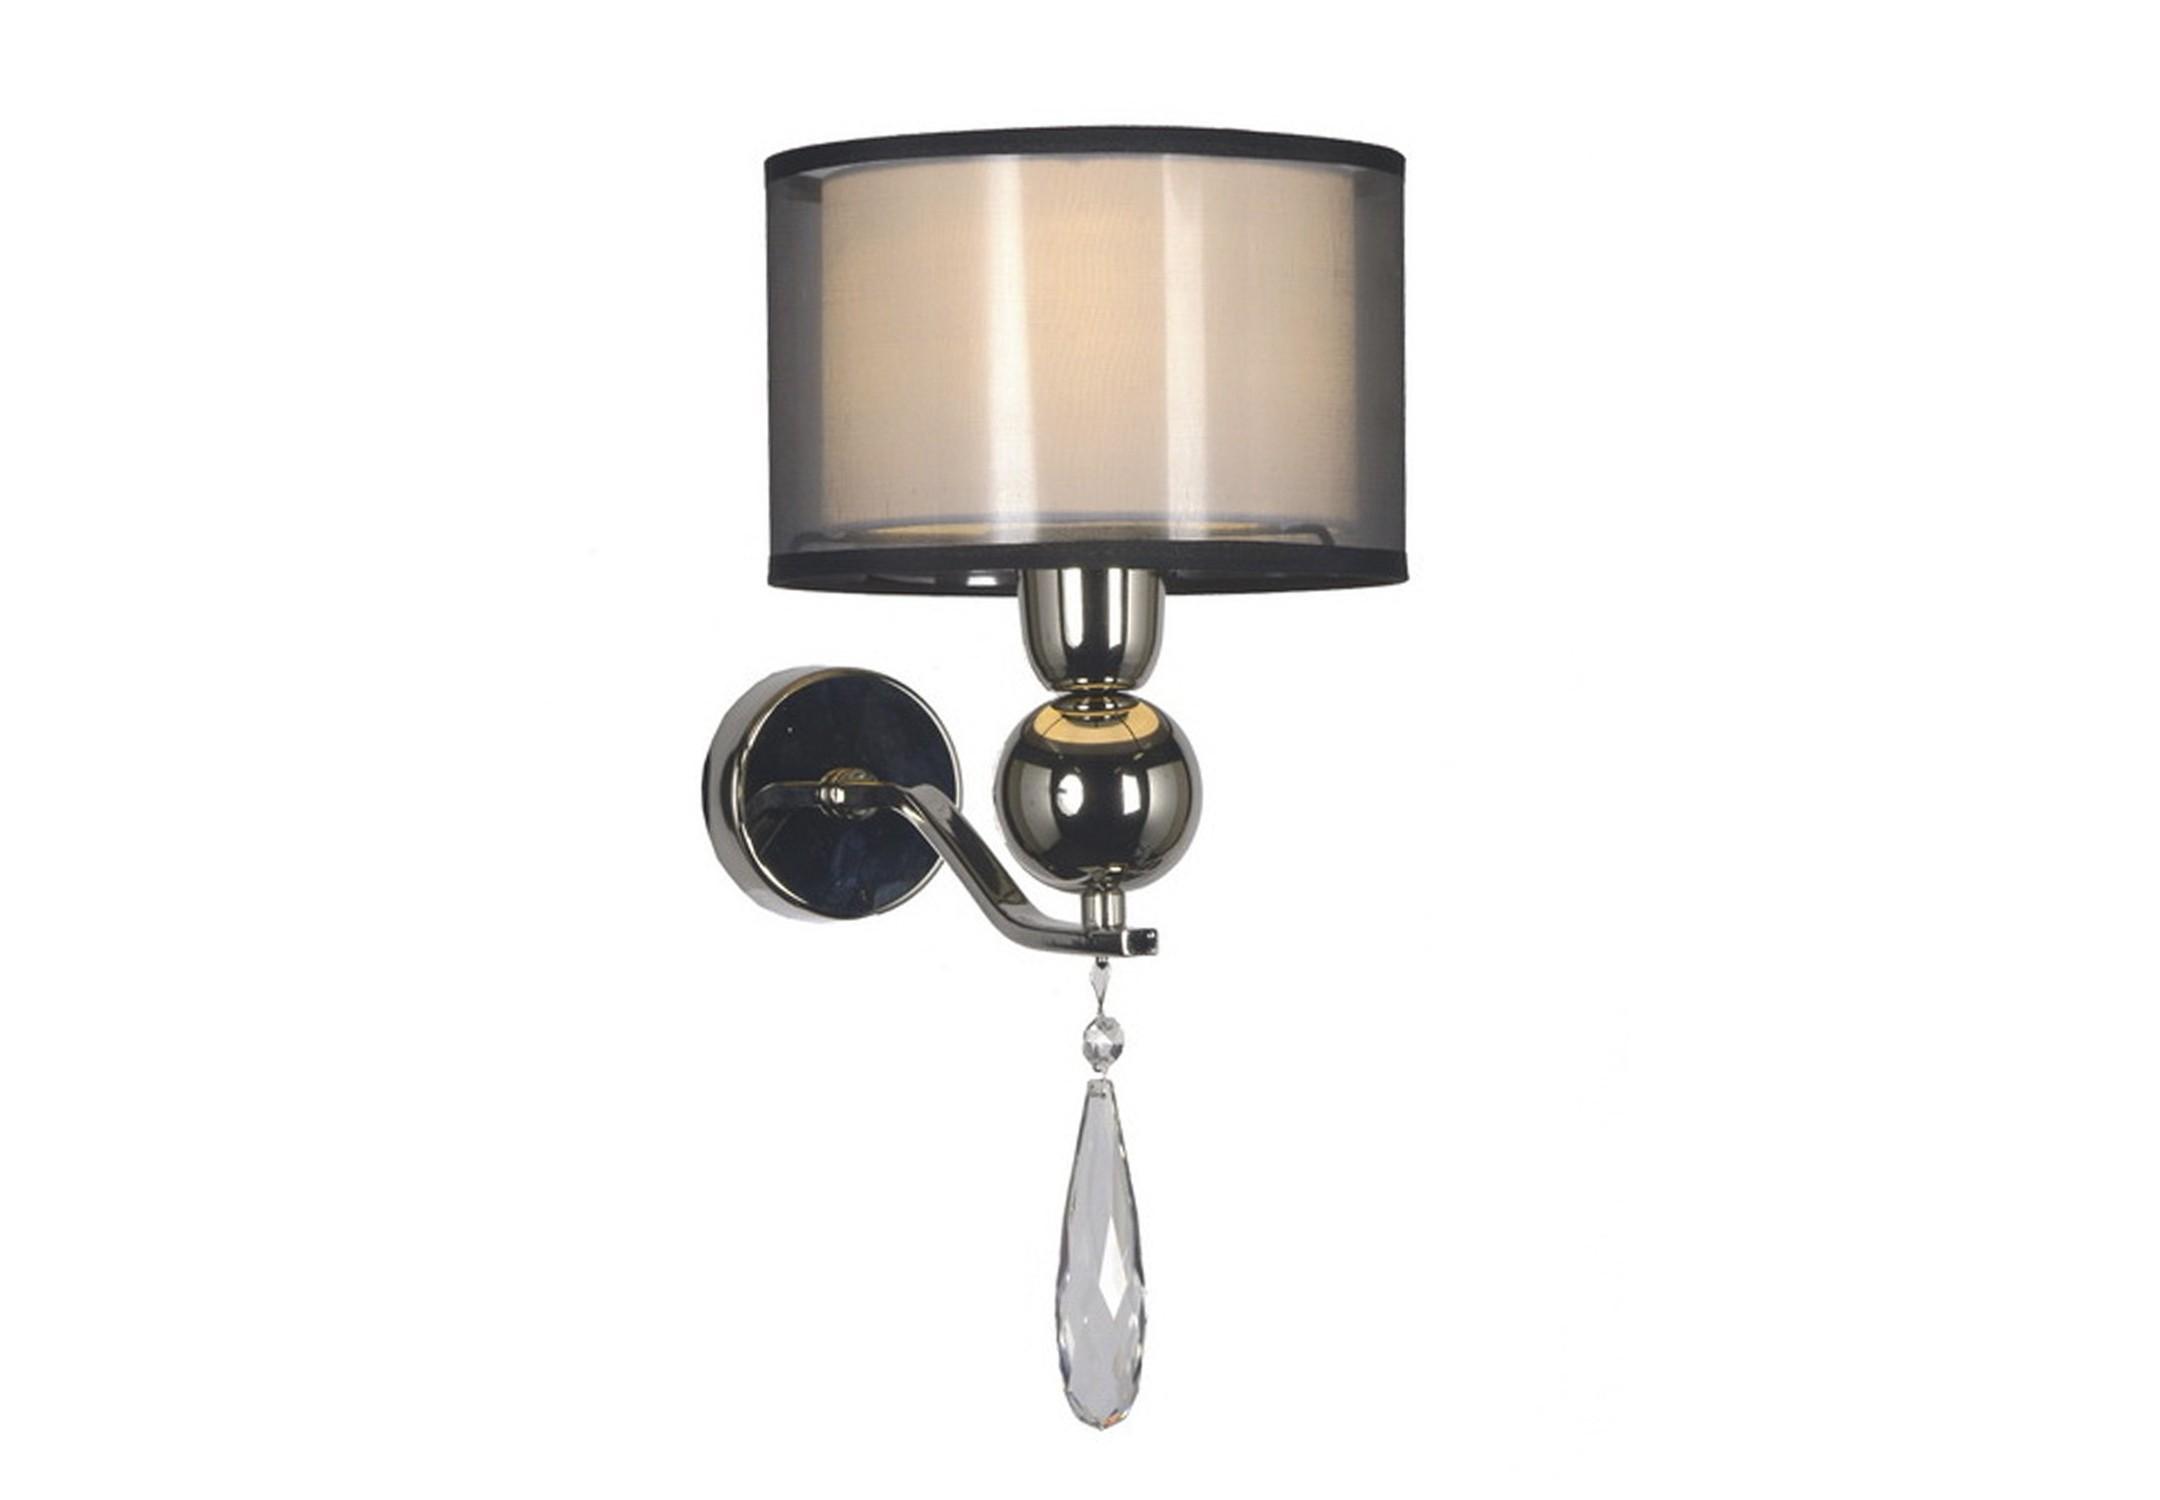 БраБра<br>Вид цоколя: E14Мощность:  40WКоличество ламп: 1 (нет в комплекте)